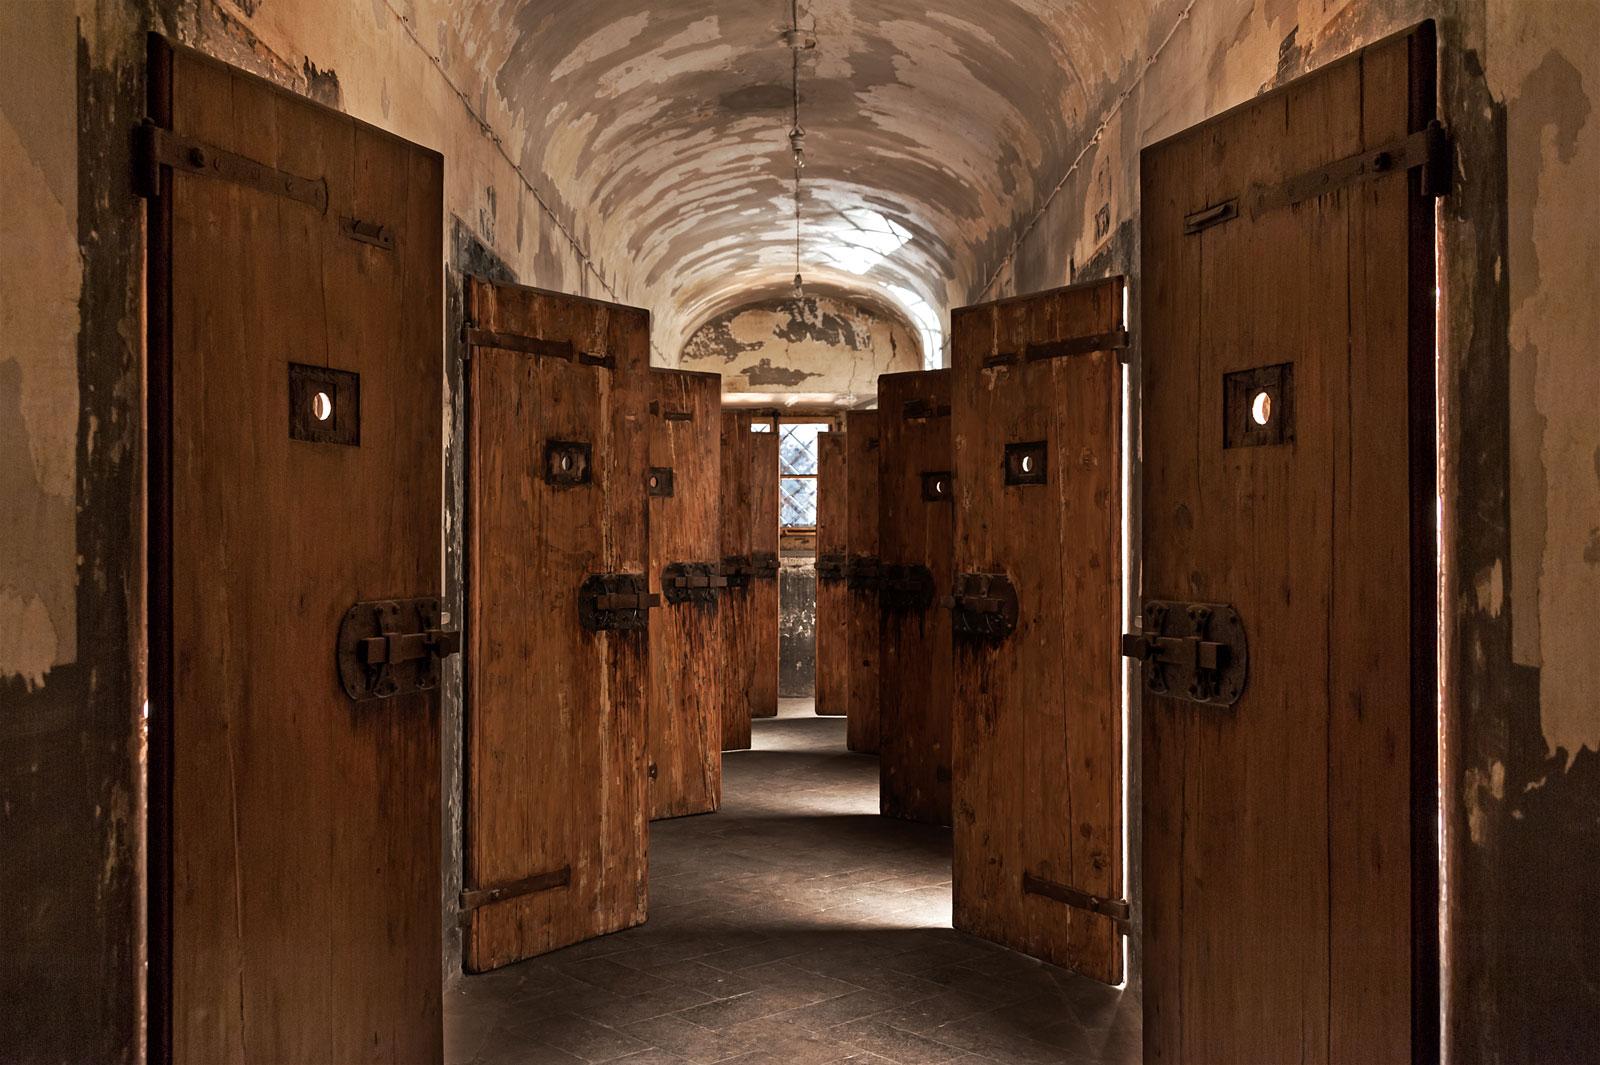 Visita guidata alla scoperta dei monasteri femminili a Firenze: dalle Murate alle Oblate